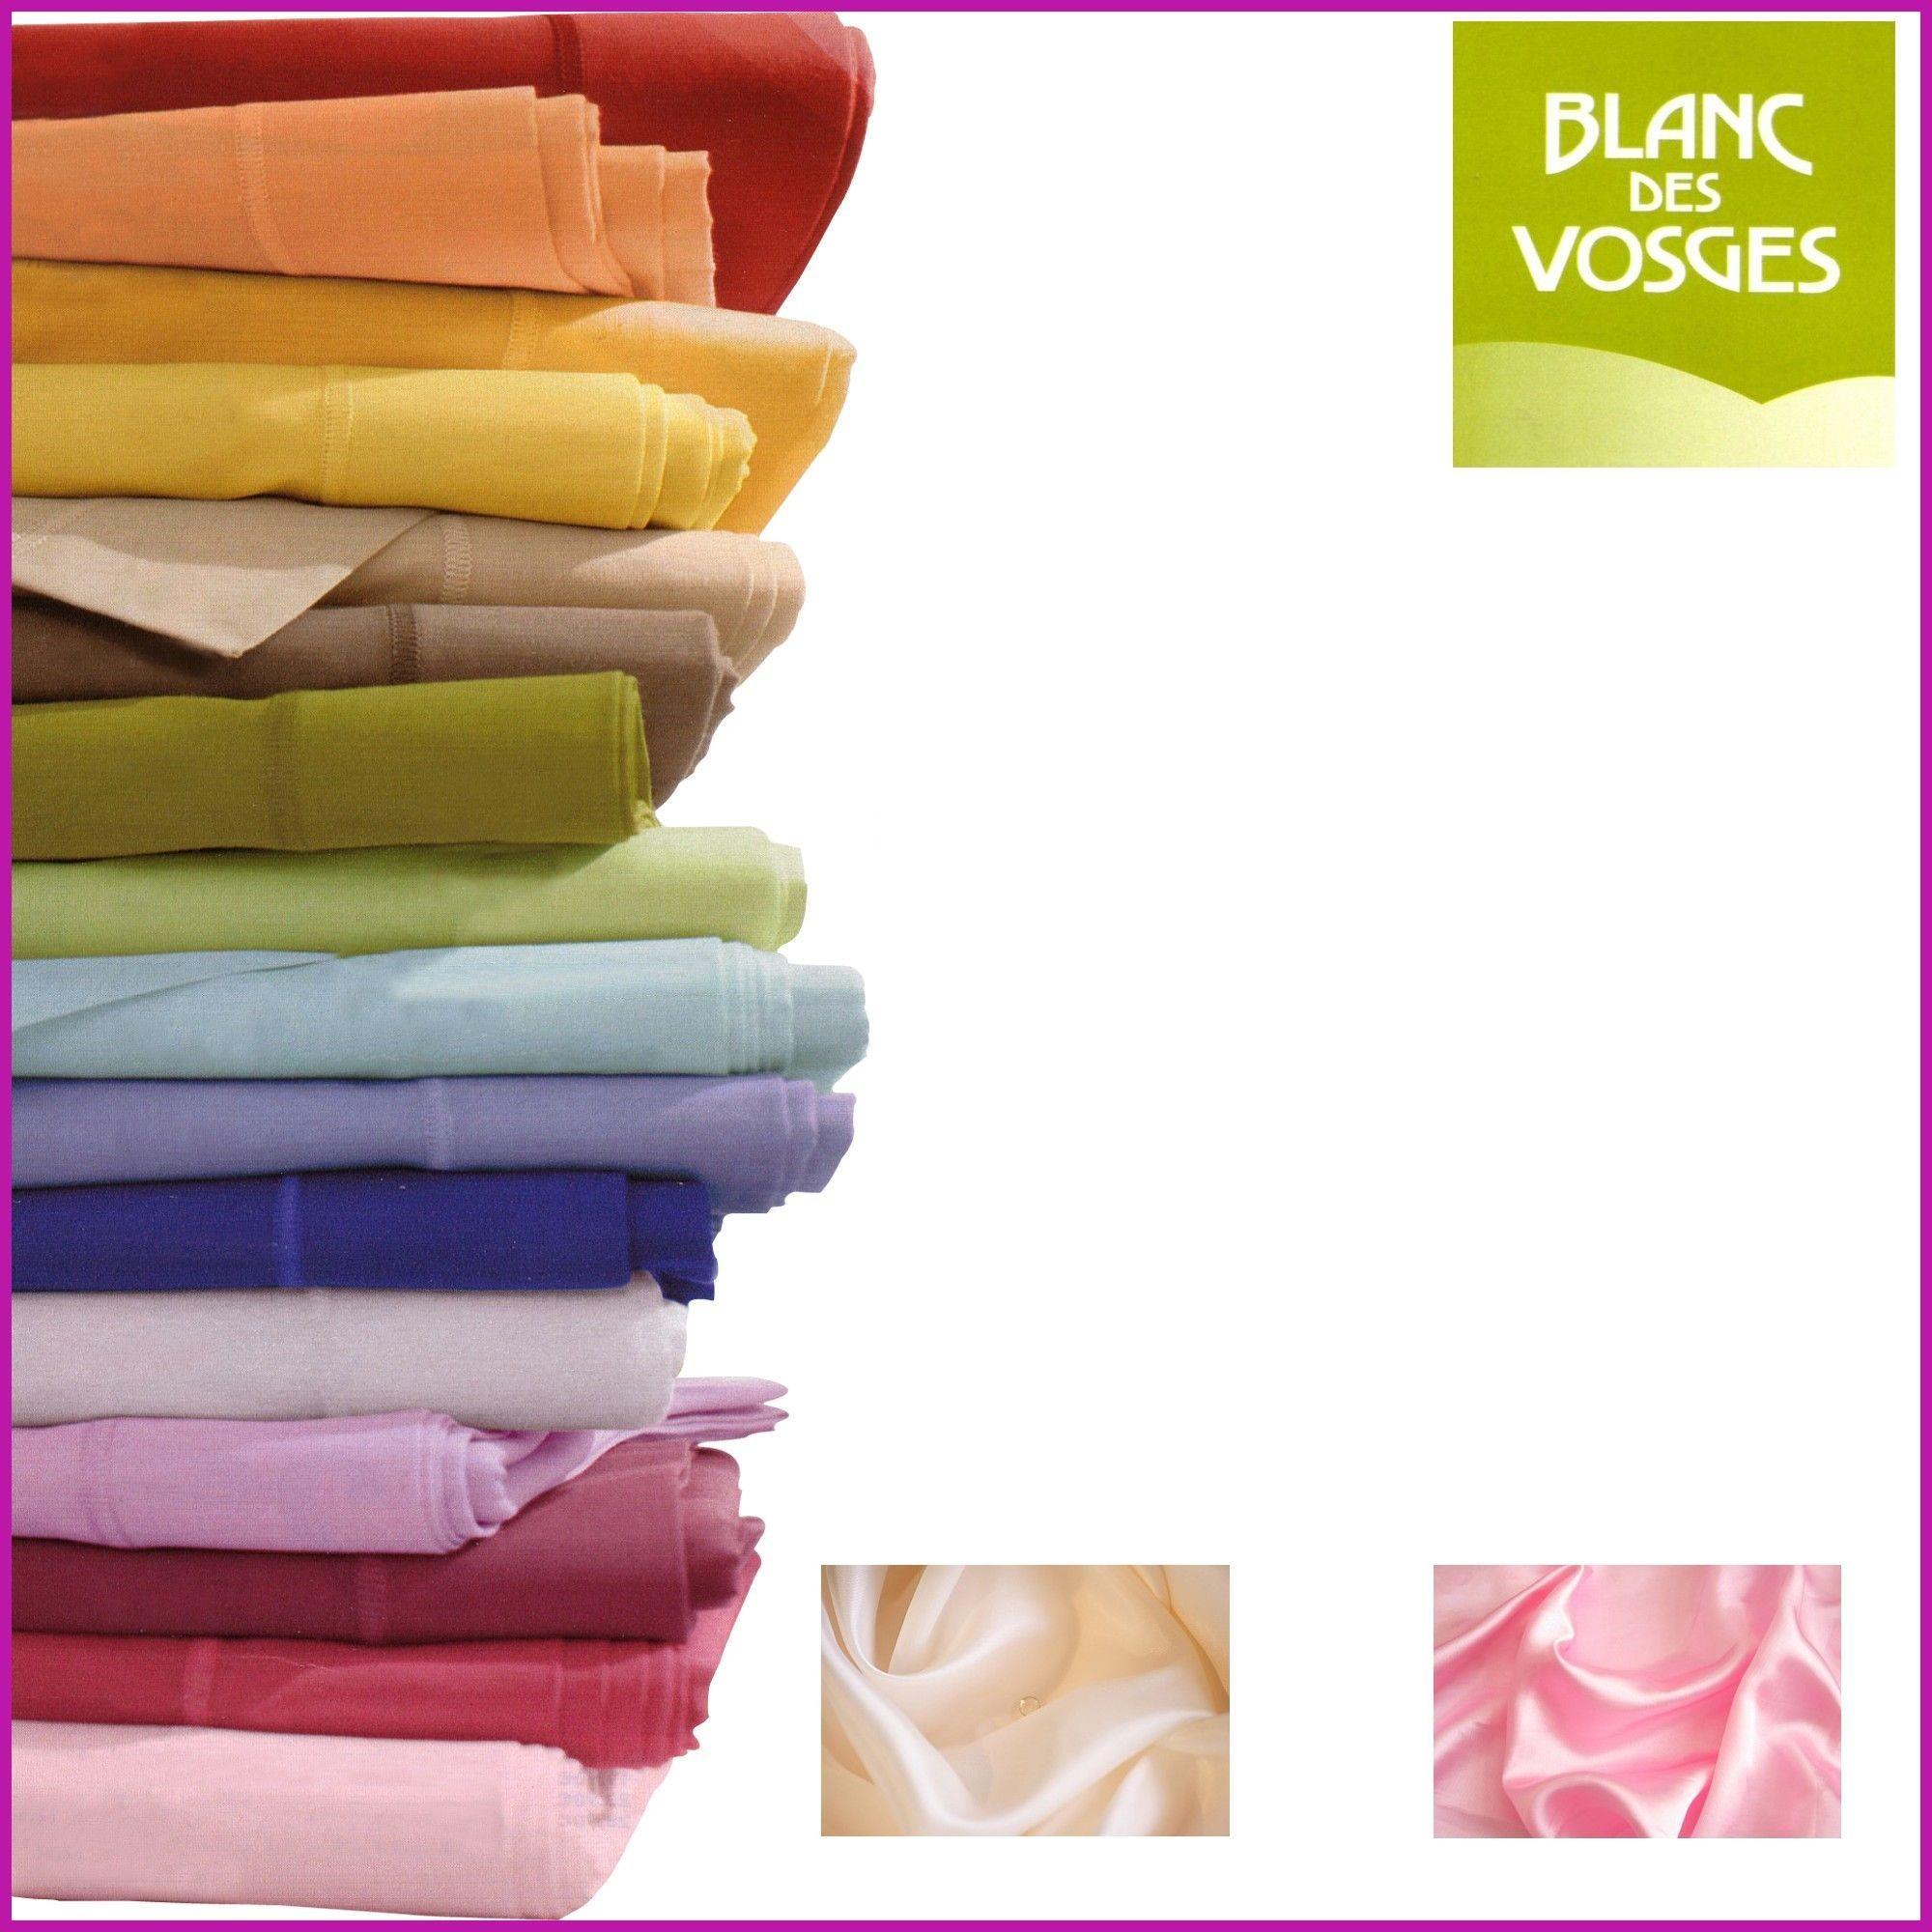 acheter drap plat satin de coton blanc des vosges pas cher avenue literie. Black Bedroom Furniture Sets. Home Design Ideas